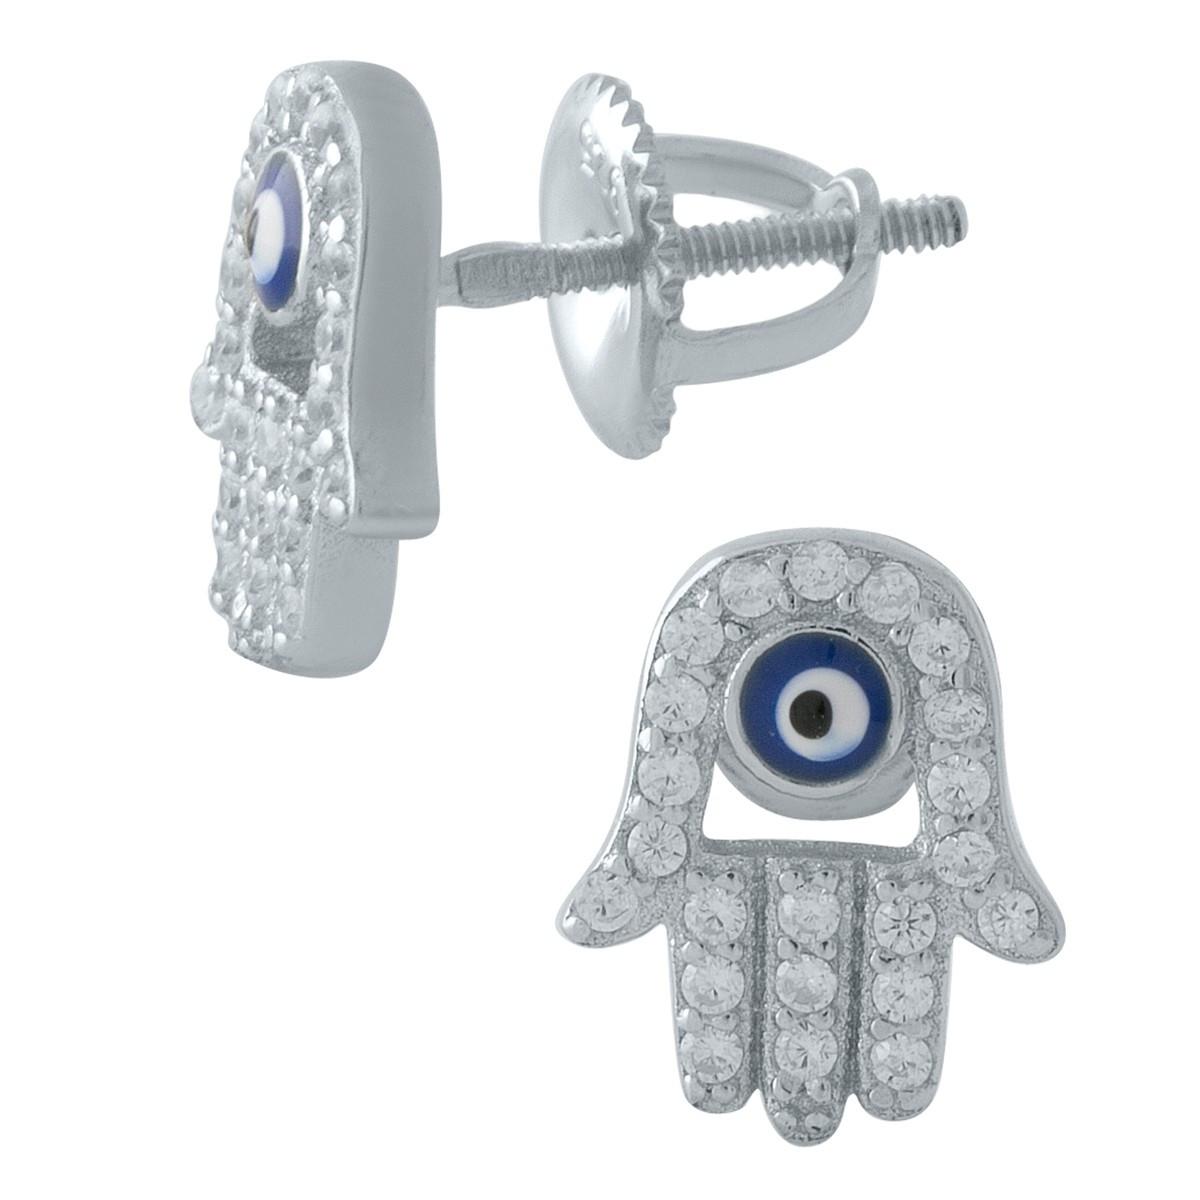 Серебряные серьги DreamJewelry с емаллю, фианитами (1974773)